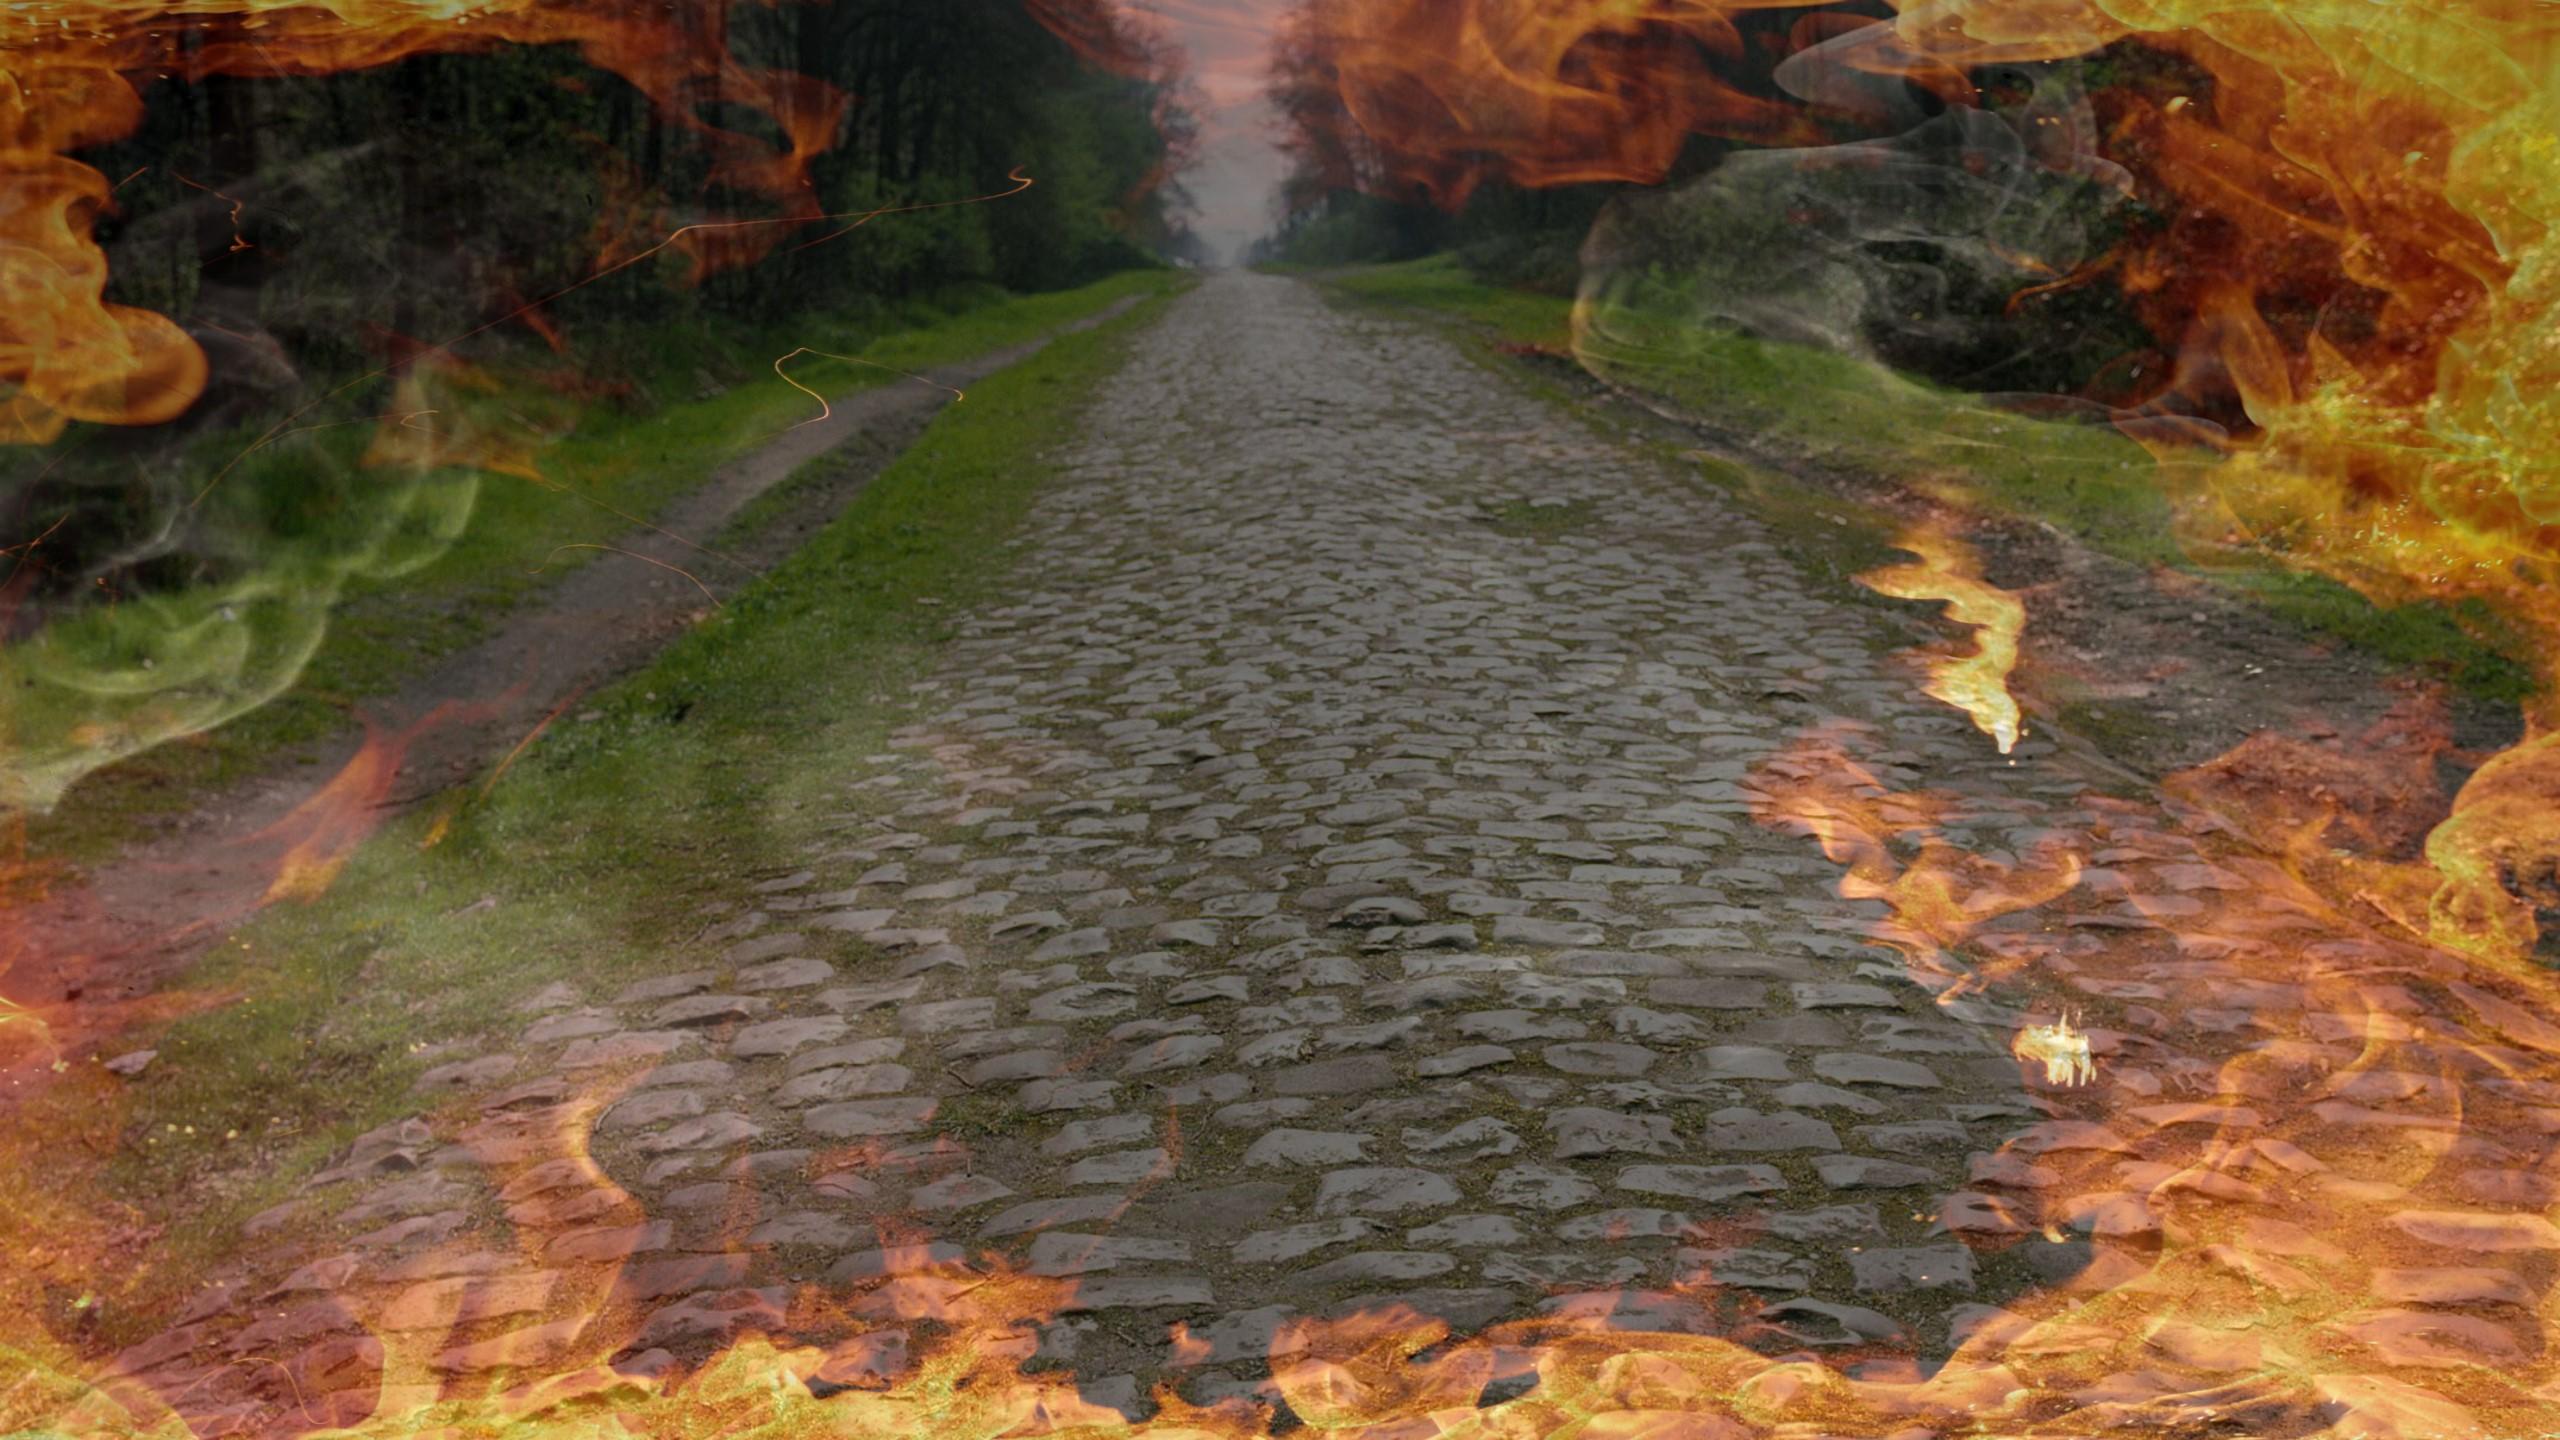 La trouée d'Arenberg, symbole de l'Enfer du nord